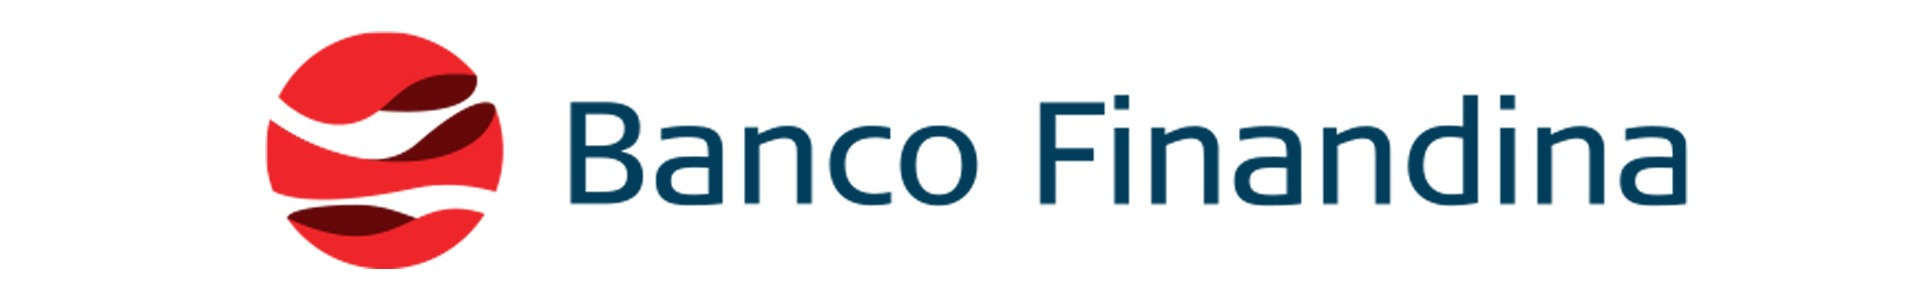 finandina-banner